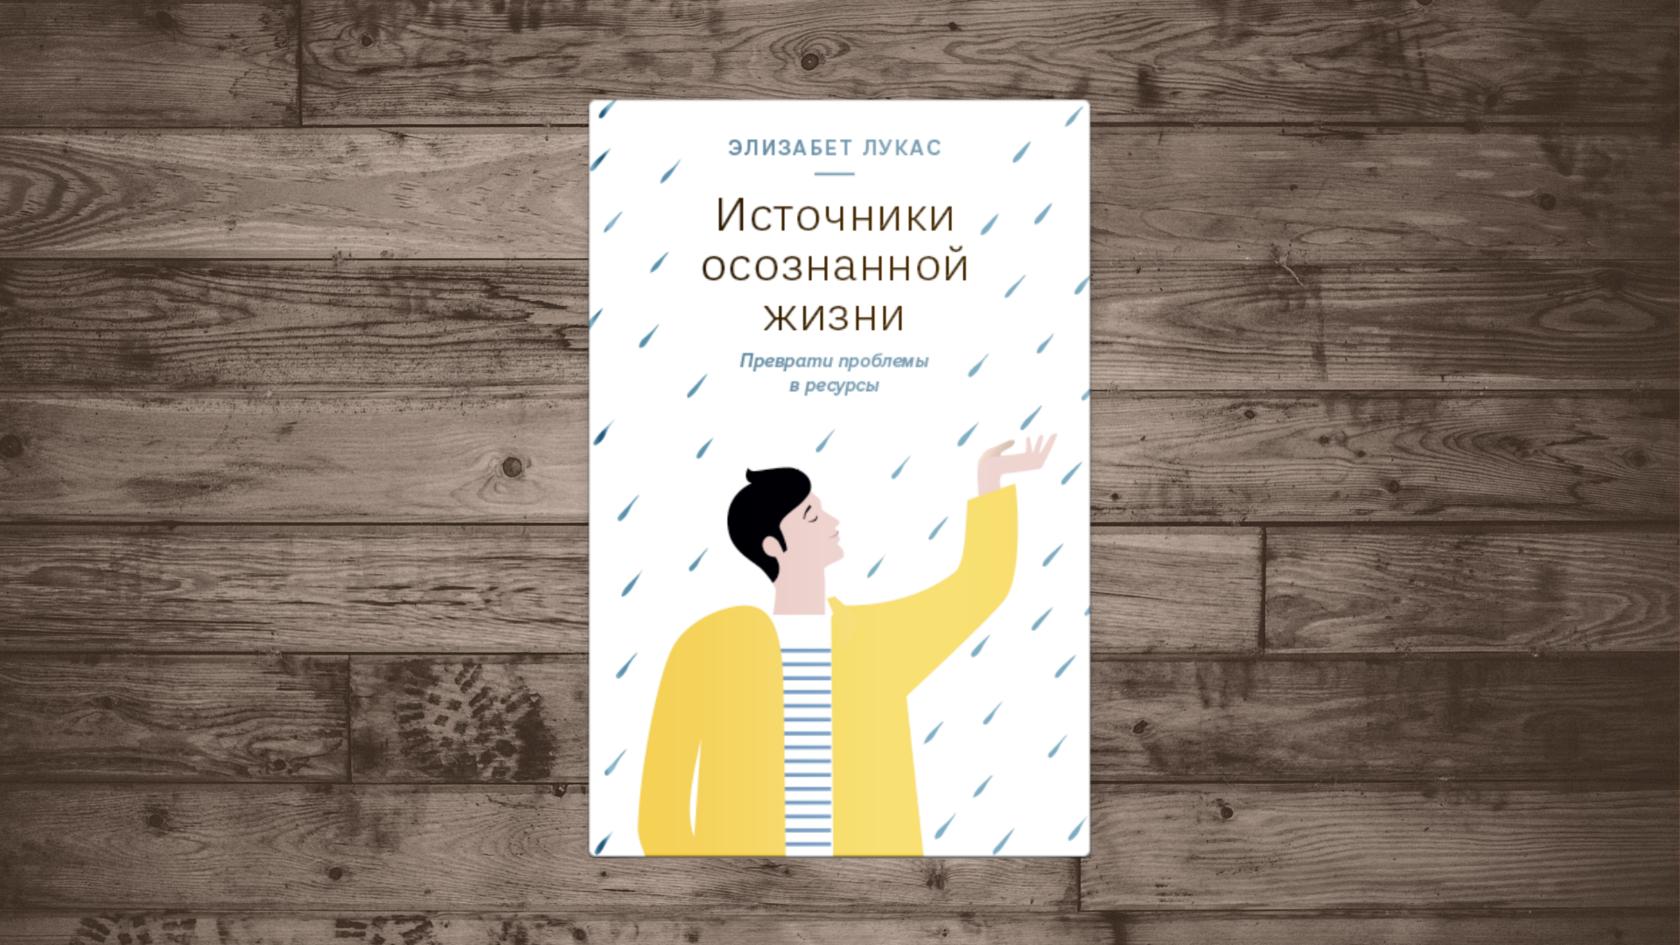 Купить книгу Элизабет Лукас «Источники осознанной жизни. Преврати проблемы в ресурсы»